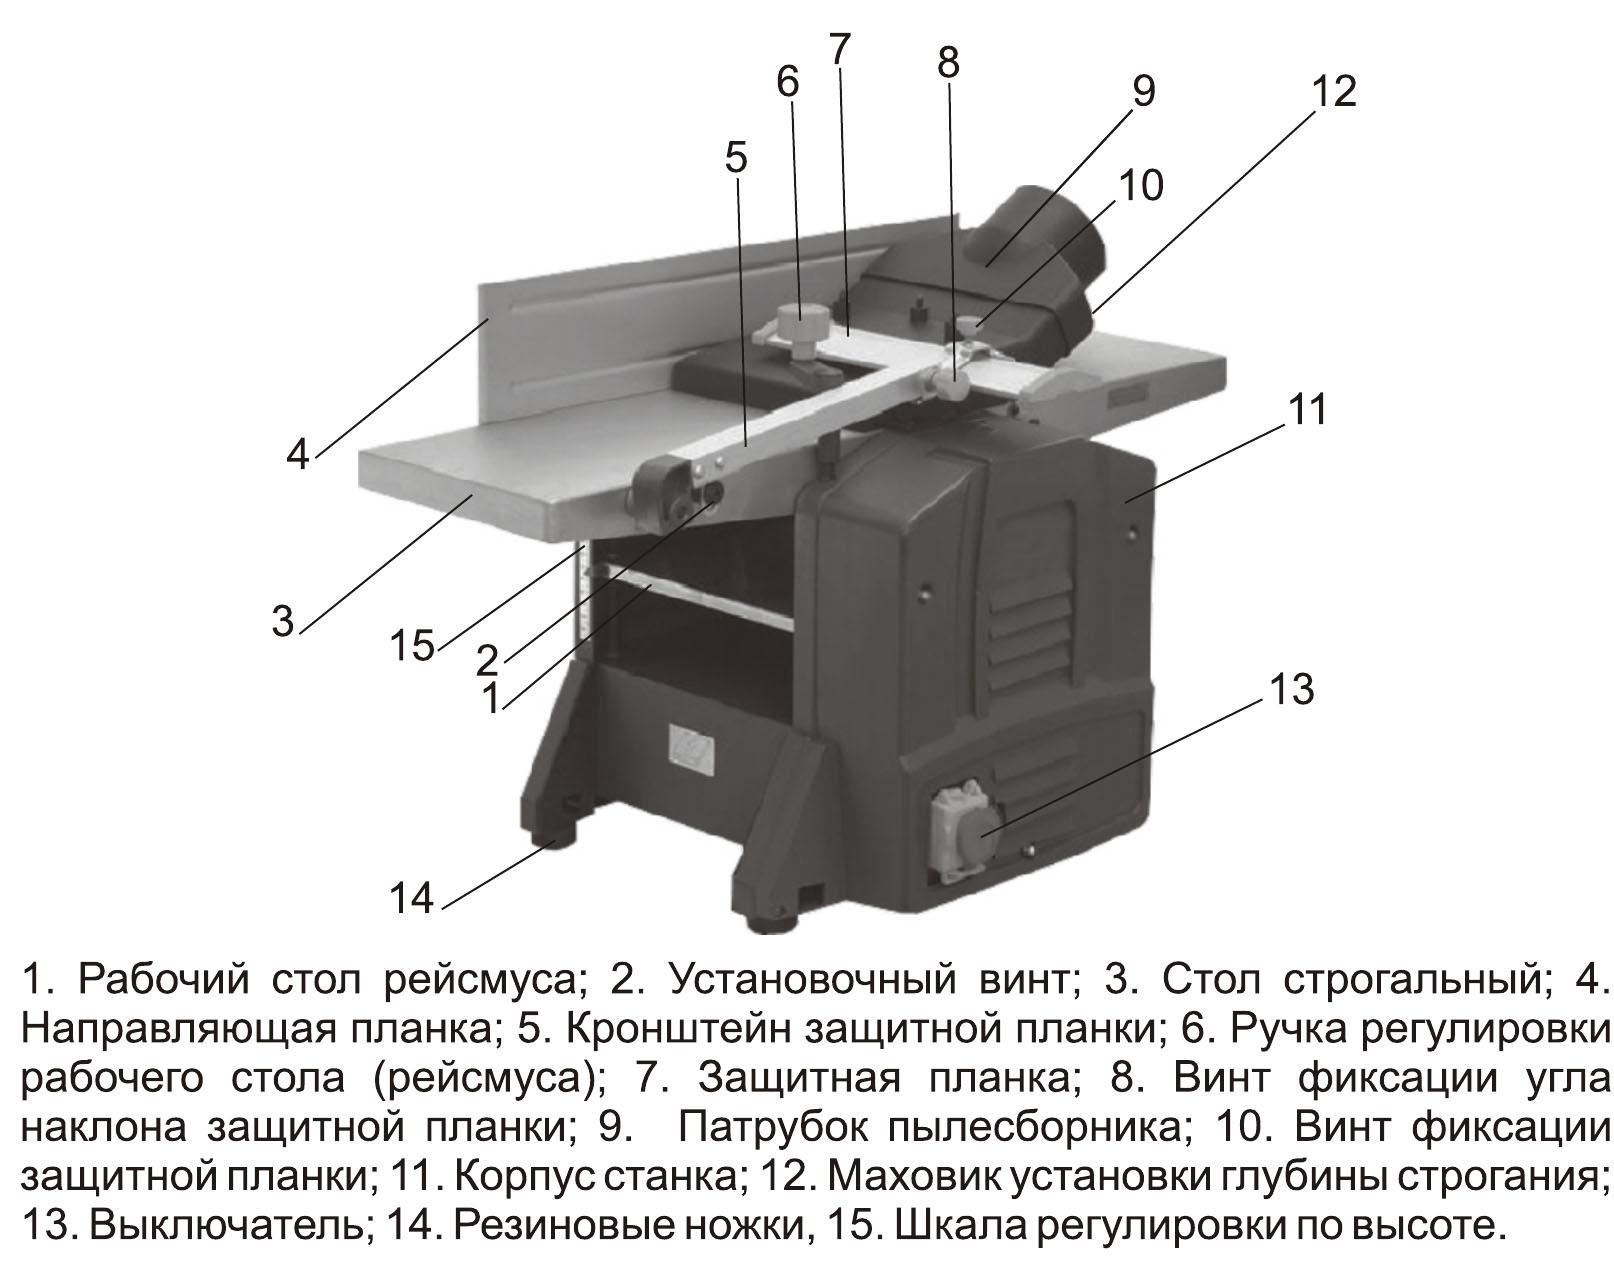 Схема устройства рейсмуса ССР 1600